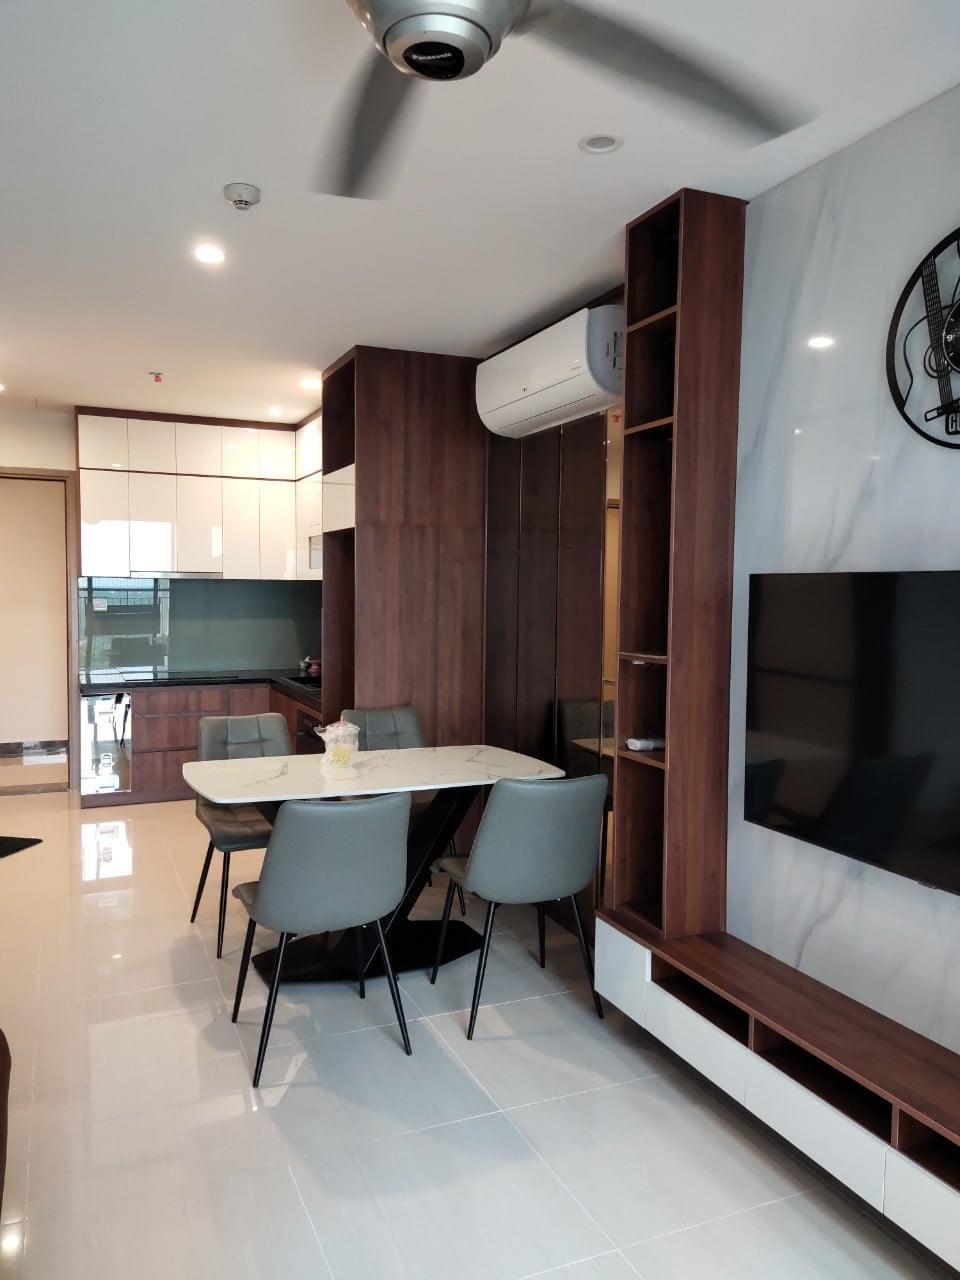 Căn hộ 1 phòng ngủ 51m2 tầng 8 toà S5.02 đầy đủ Nội thất giá 5,7tr/tháng 3